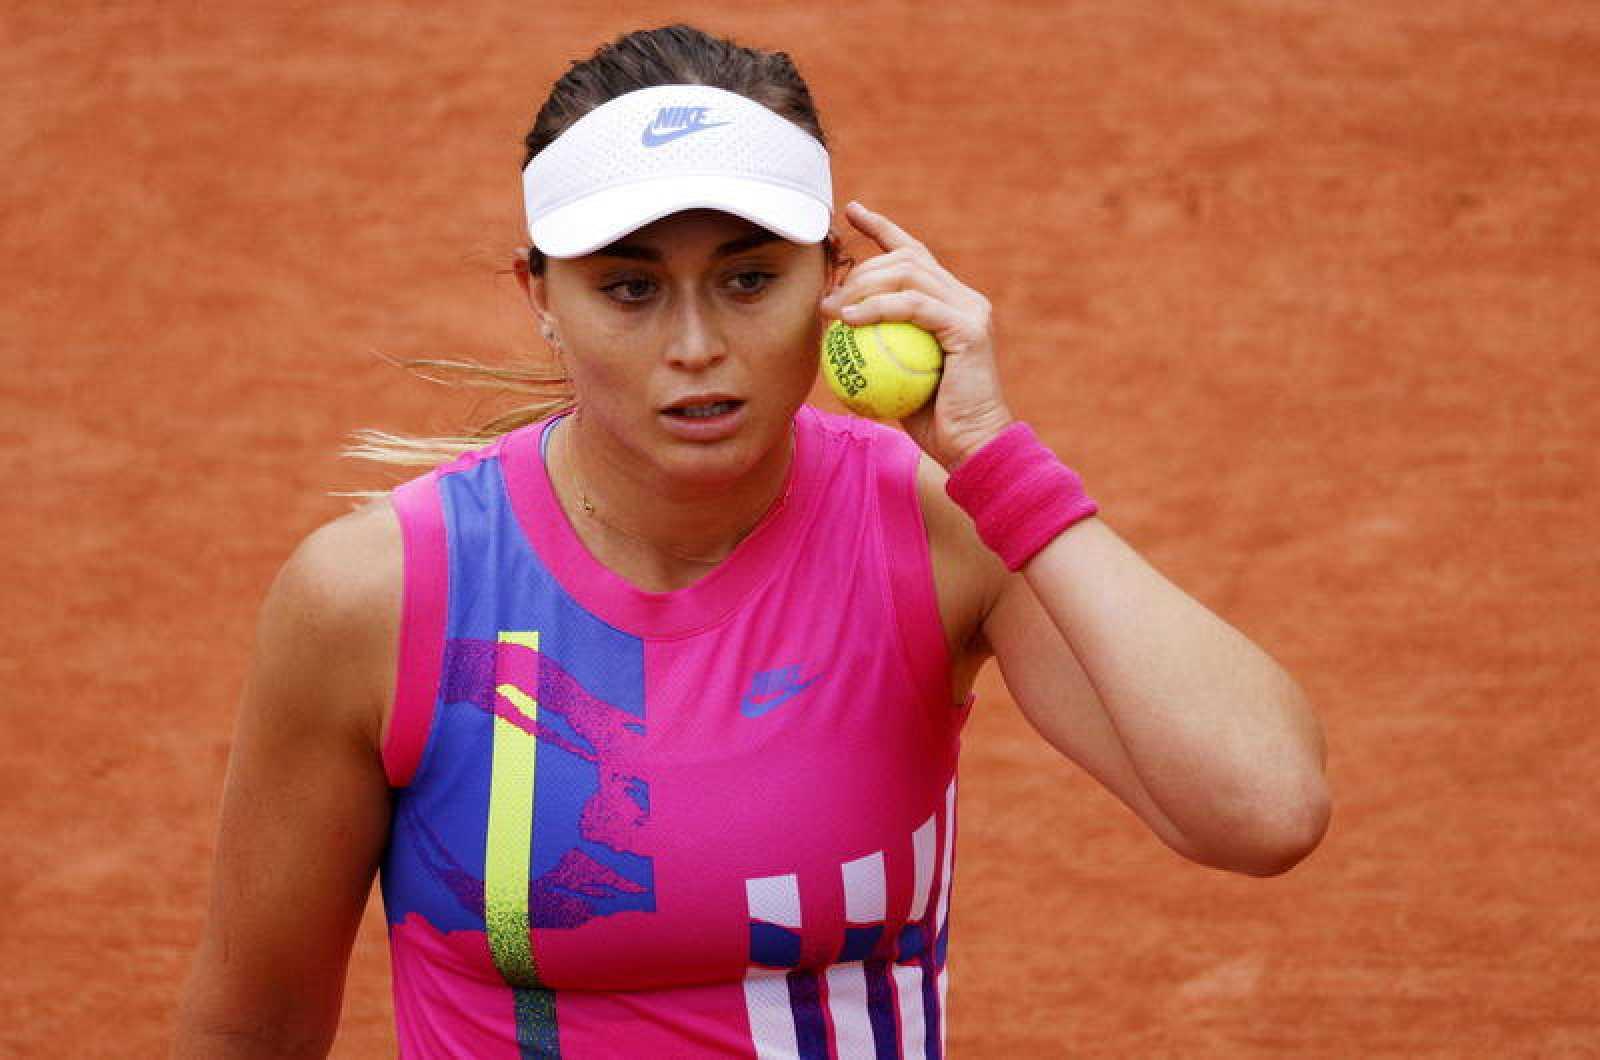 Imagen de la española Paula badosa durante su duelo de octavos en Roland Garros.